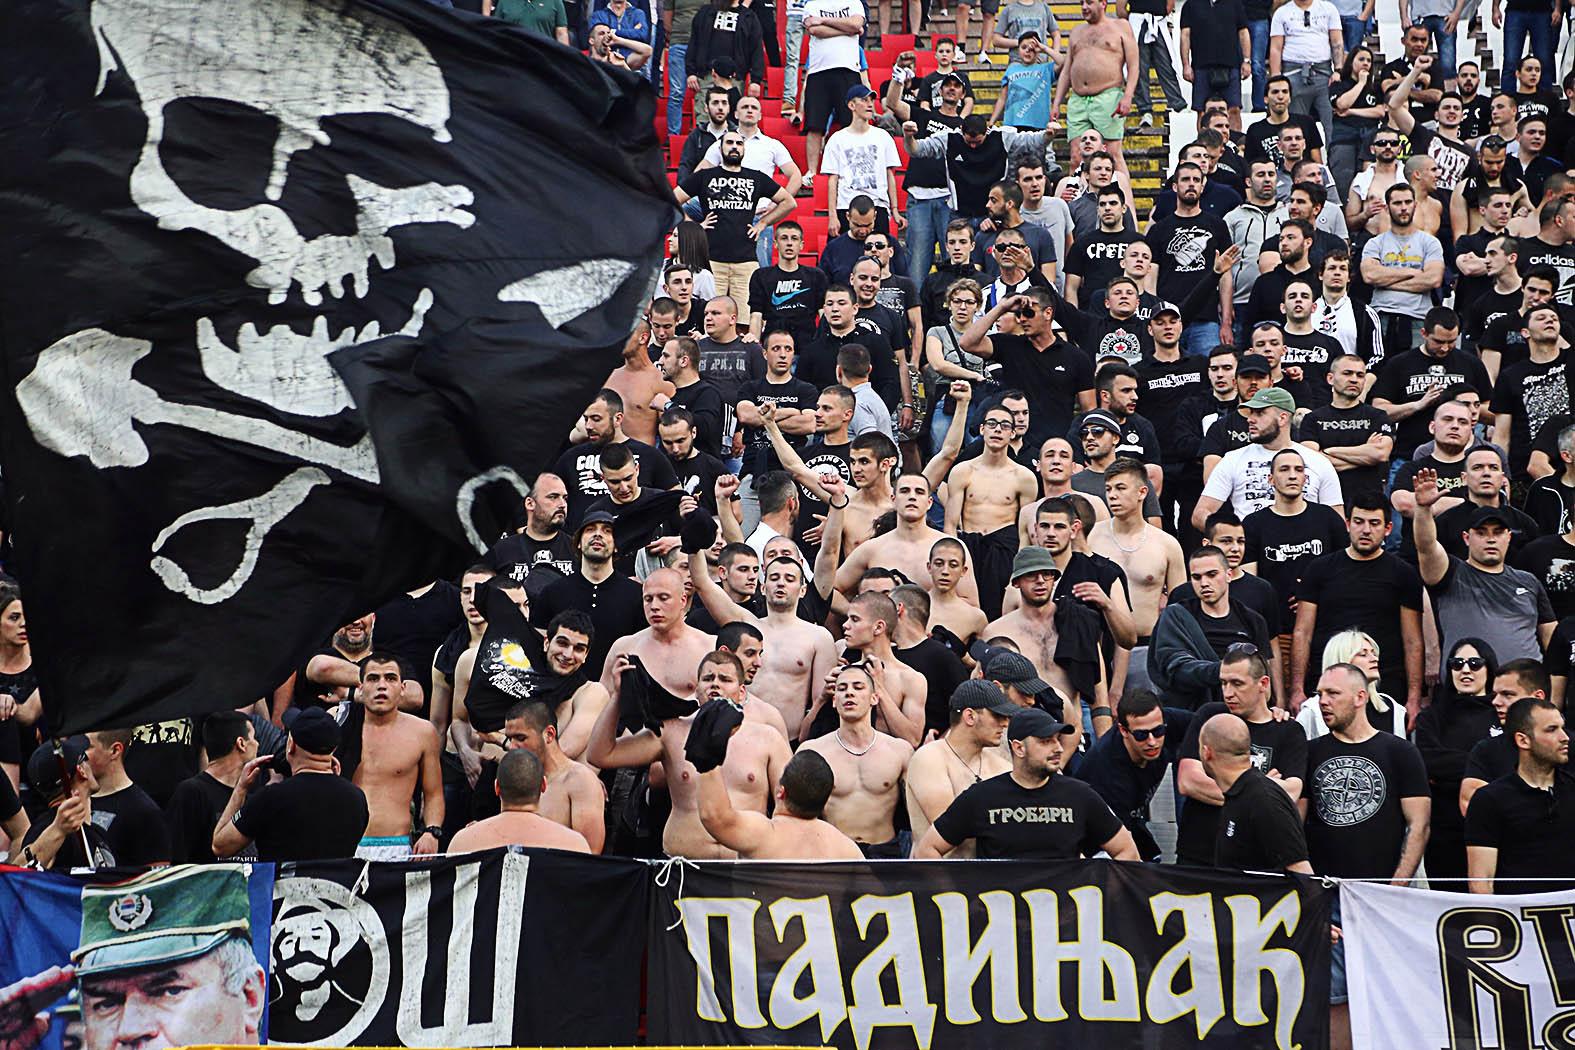 """""""A védelem miatt ezen csoportok, főként a két nagy rivális (a már említett Partizán és Czvena Zvezda) csapat keménymagjai fokozatosan intézményesültek, státuszukat hivatalossá téve a nagy sportklubok őrző-védő cégeivé váltak"""" #moszkvater"""